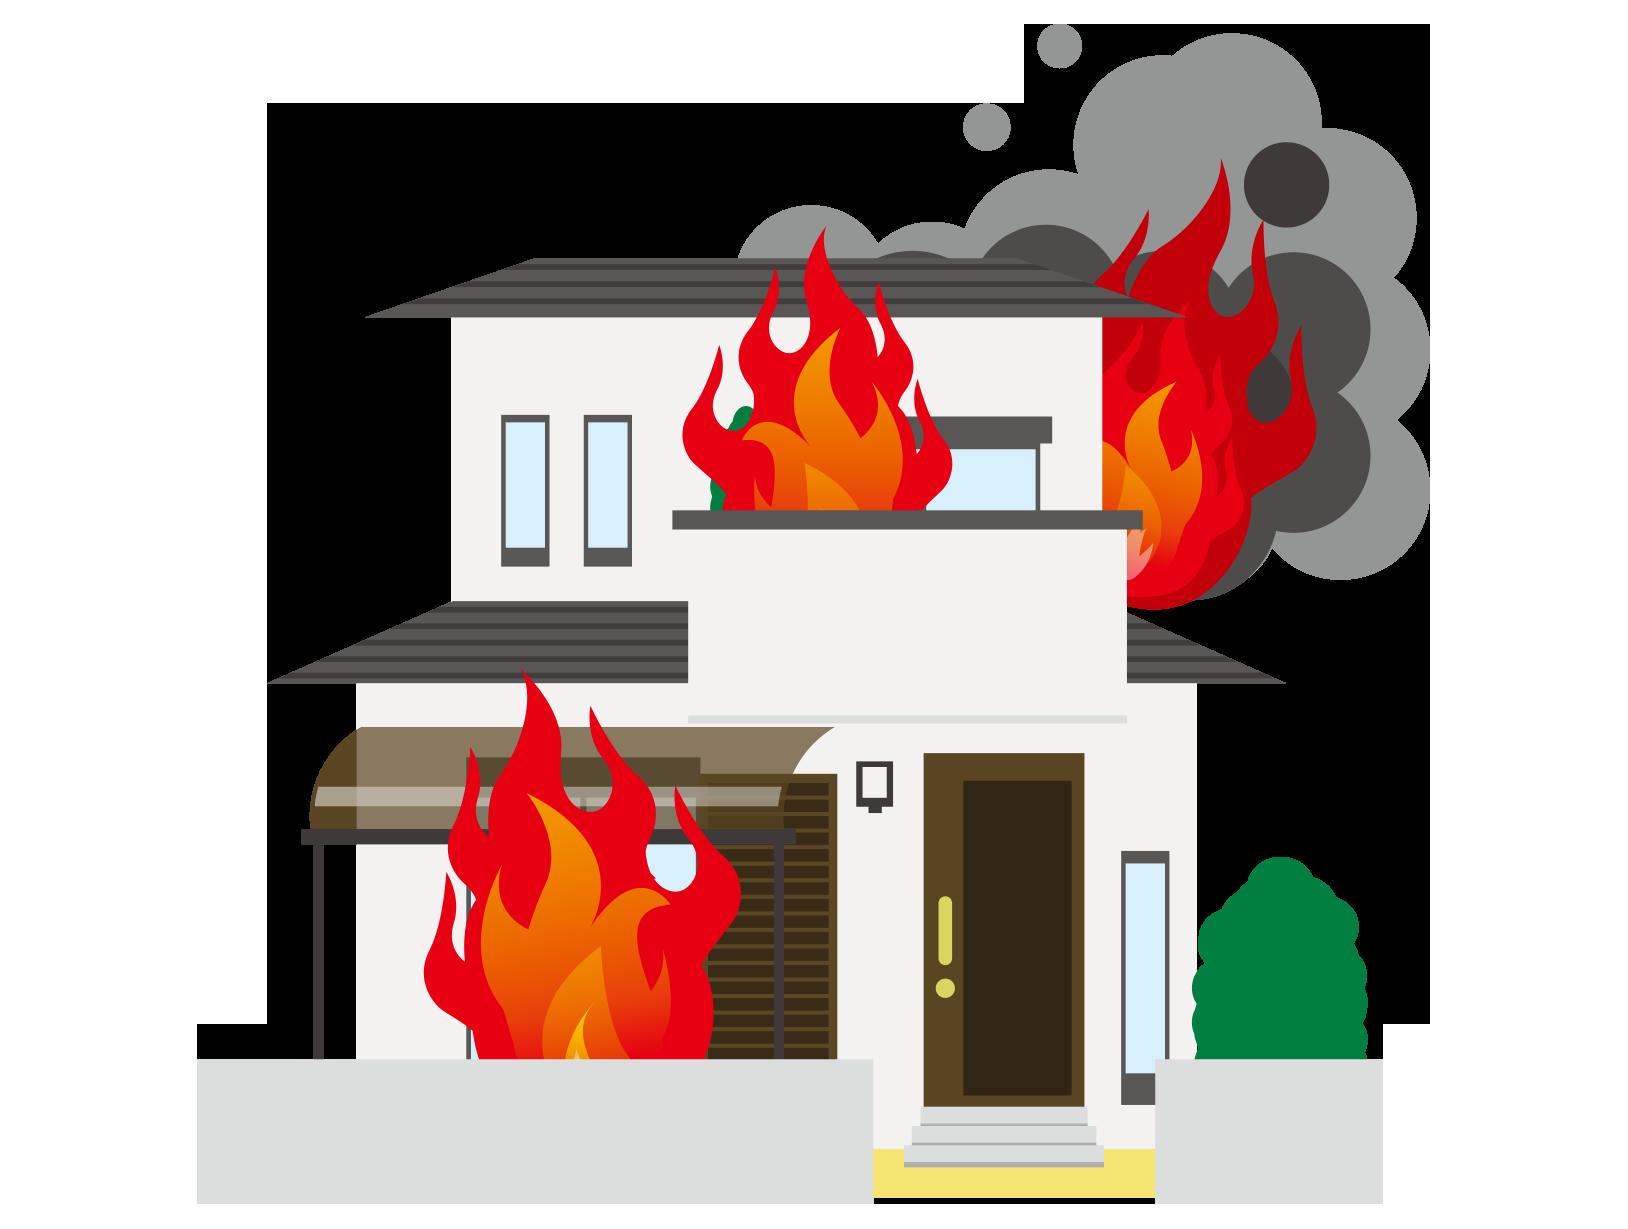 意外に見落としがちな火災保険の最適な組み方